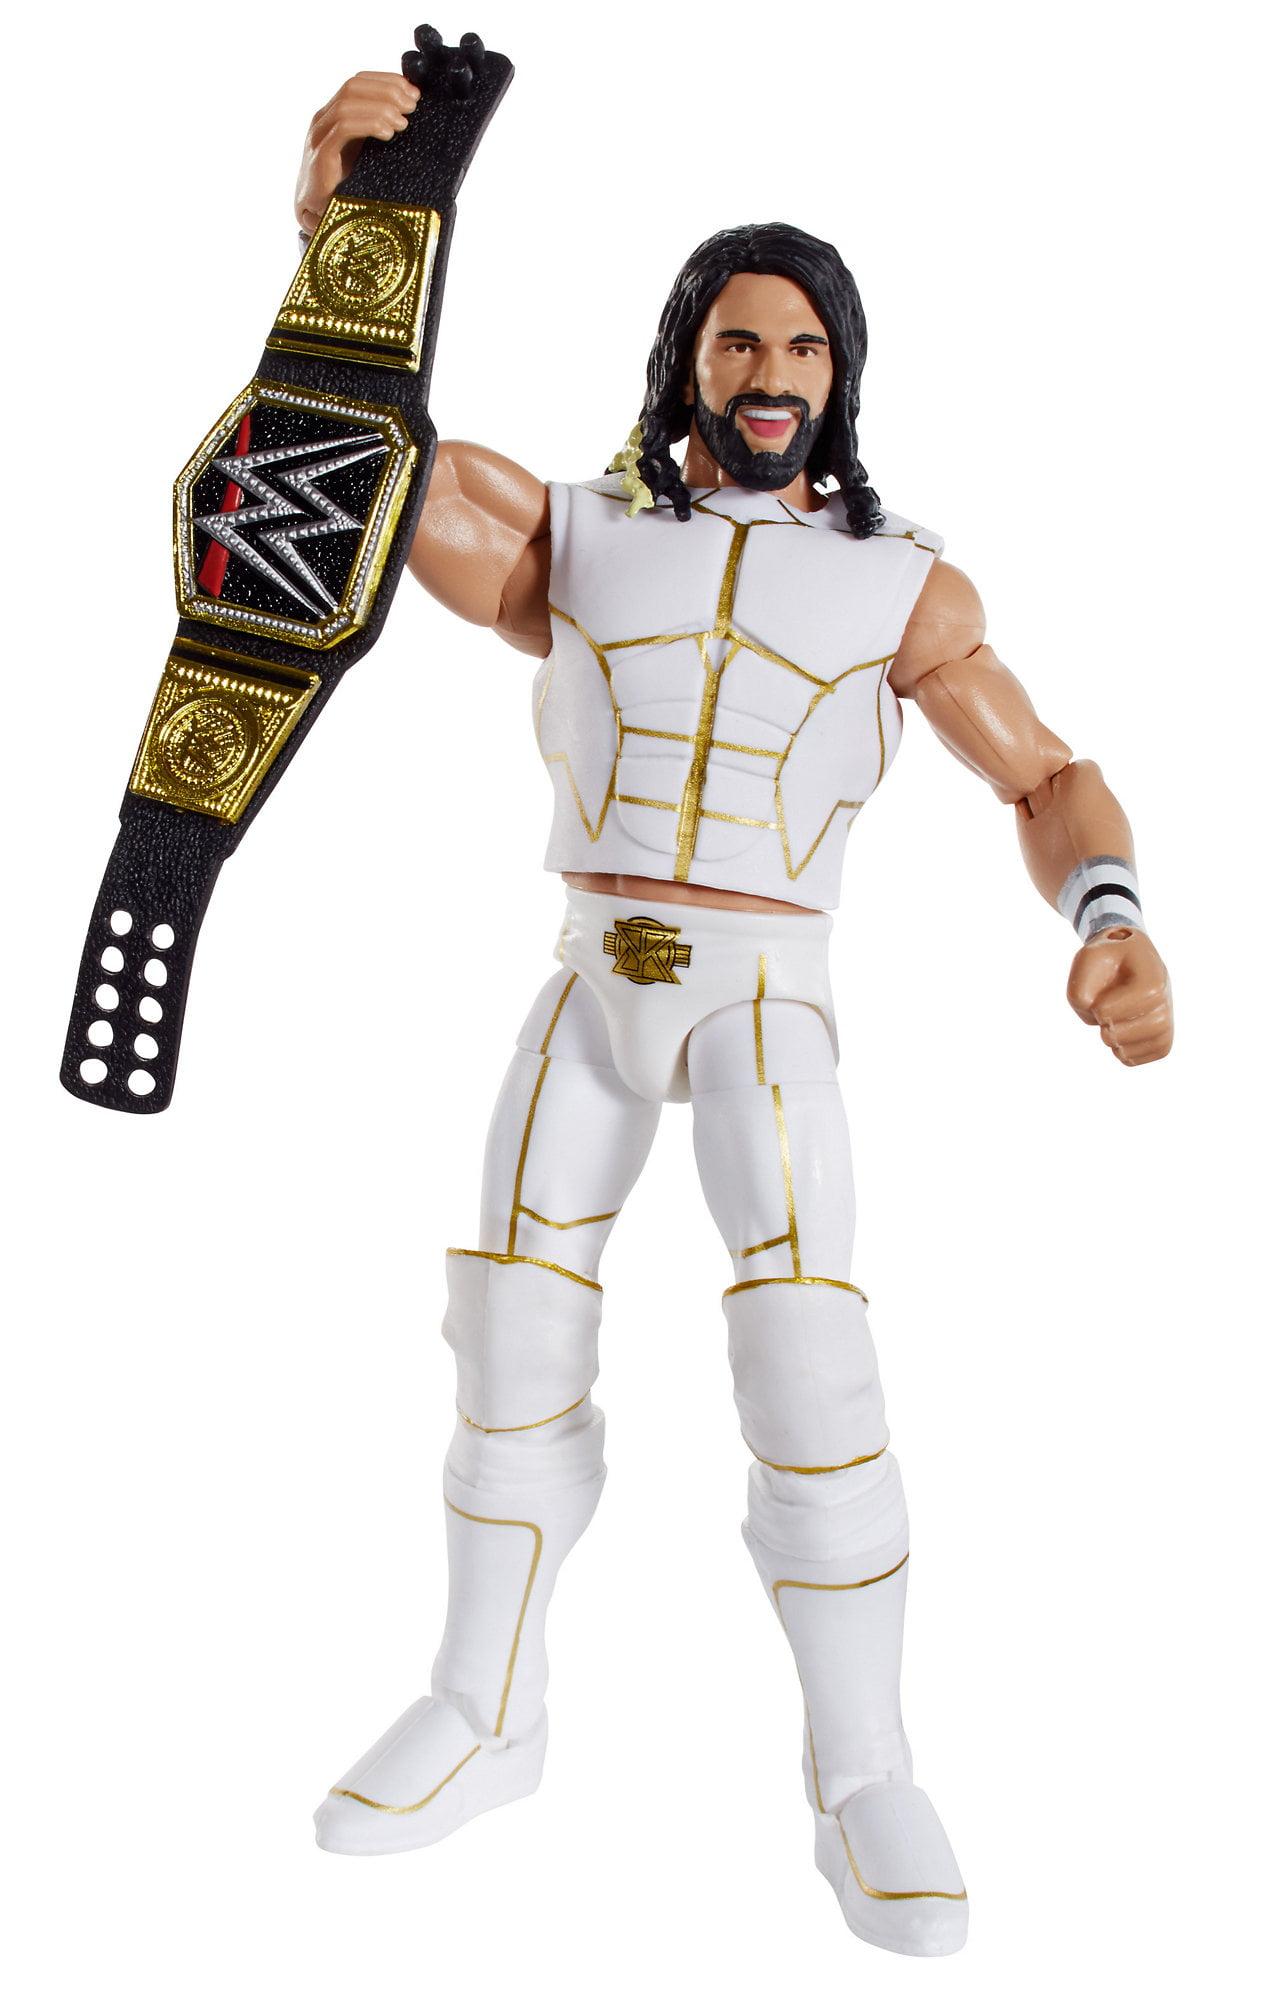 WWE Elite Seth Rollins Figure by Mattel